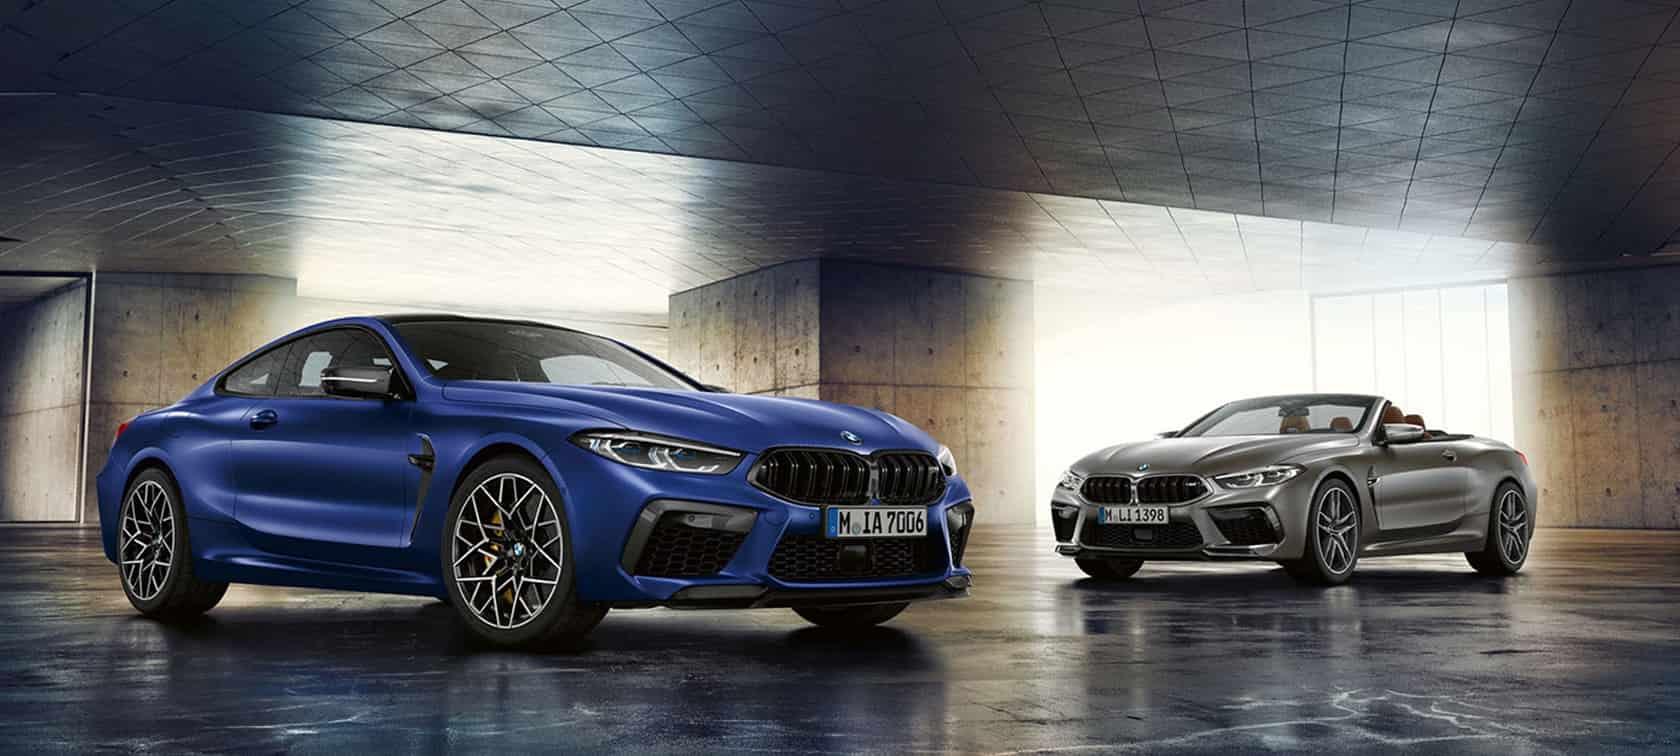 predvádzacie vozidlá, ojazdené autá, bmw, predaj áut, výhody jazdených vozidiel